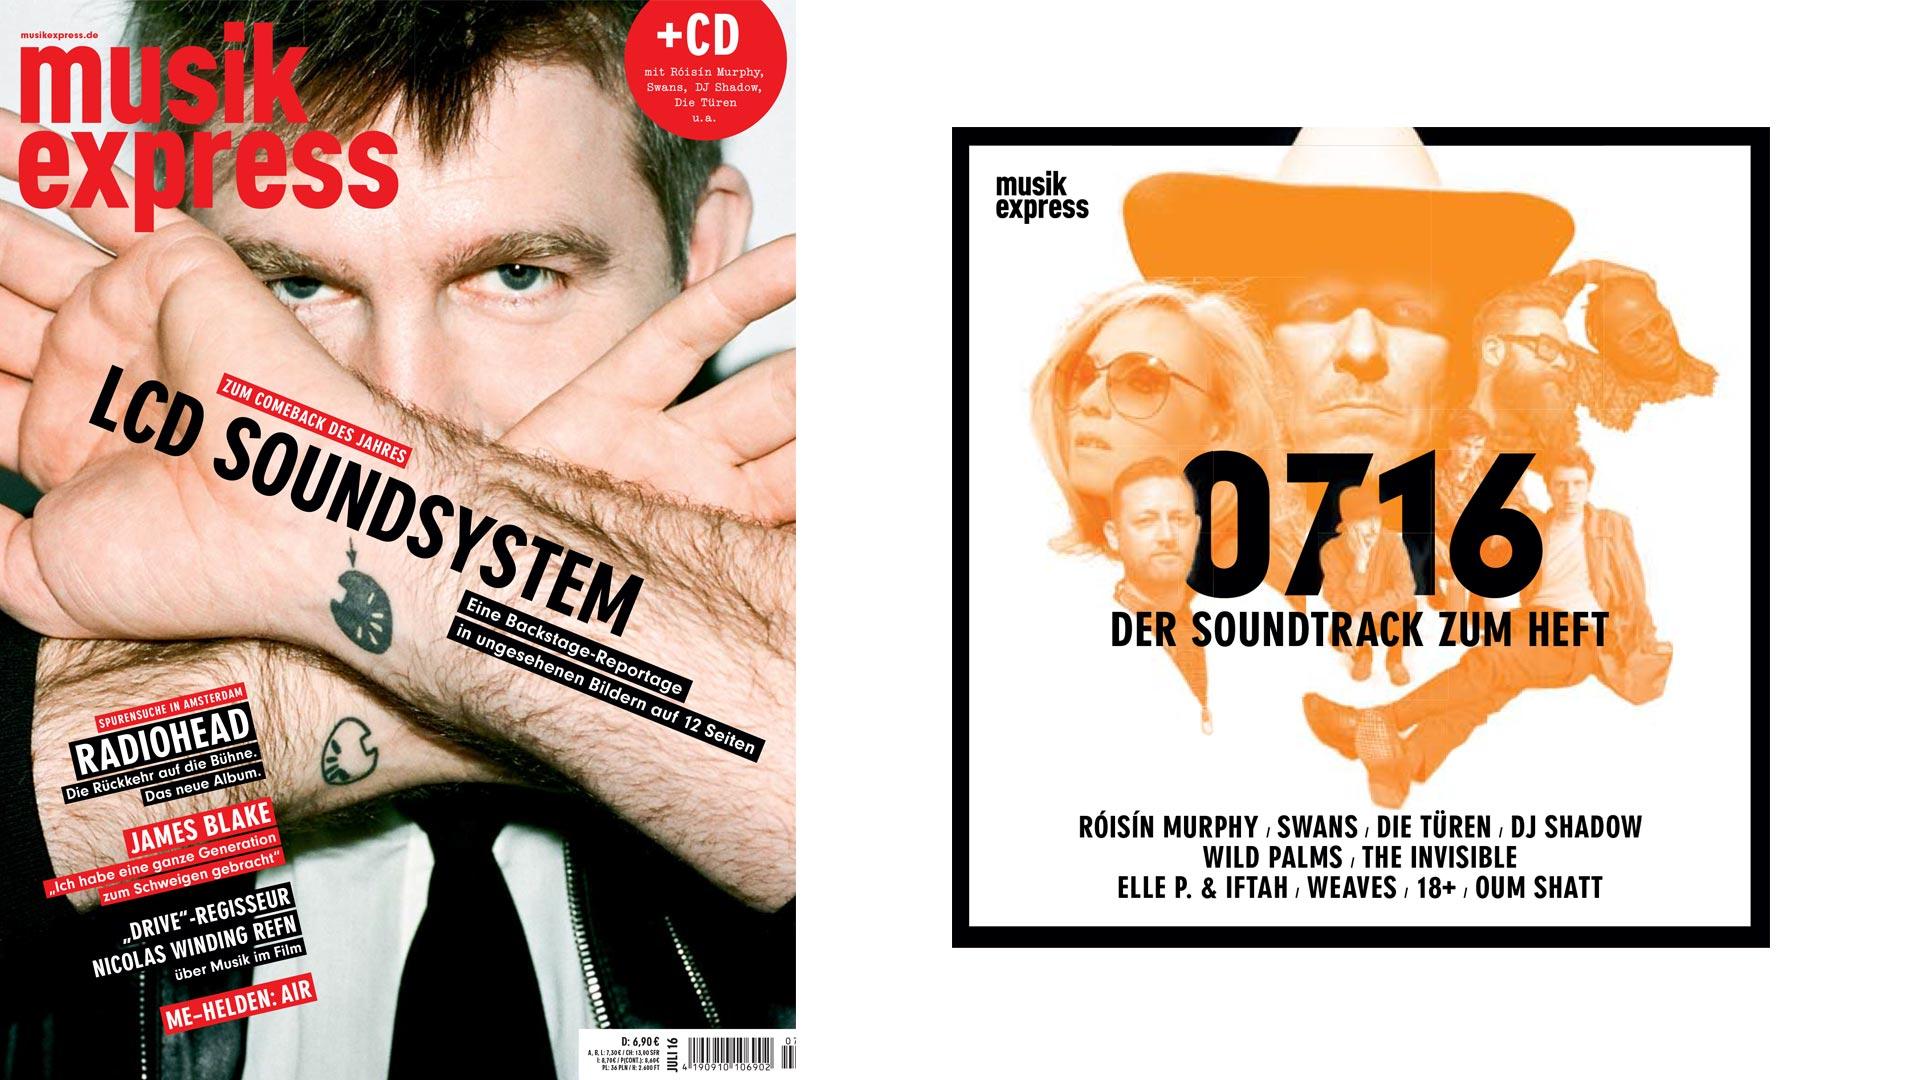 So sieht der neue Musikexpress aus - ab dem 9. Juni am Kiosk erhältlich.